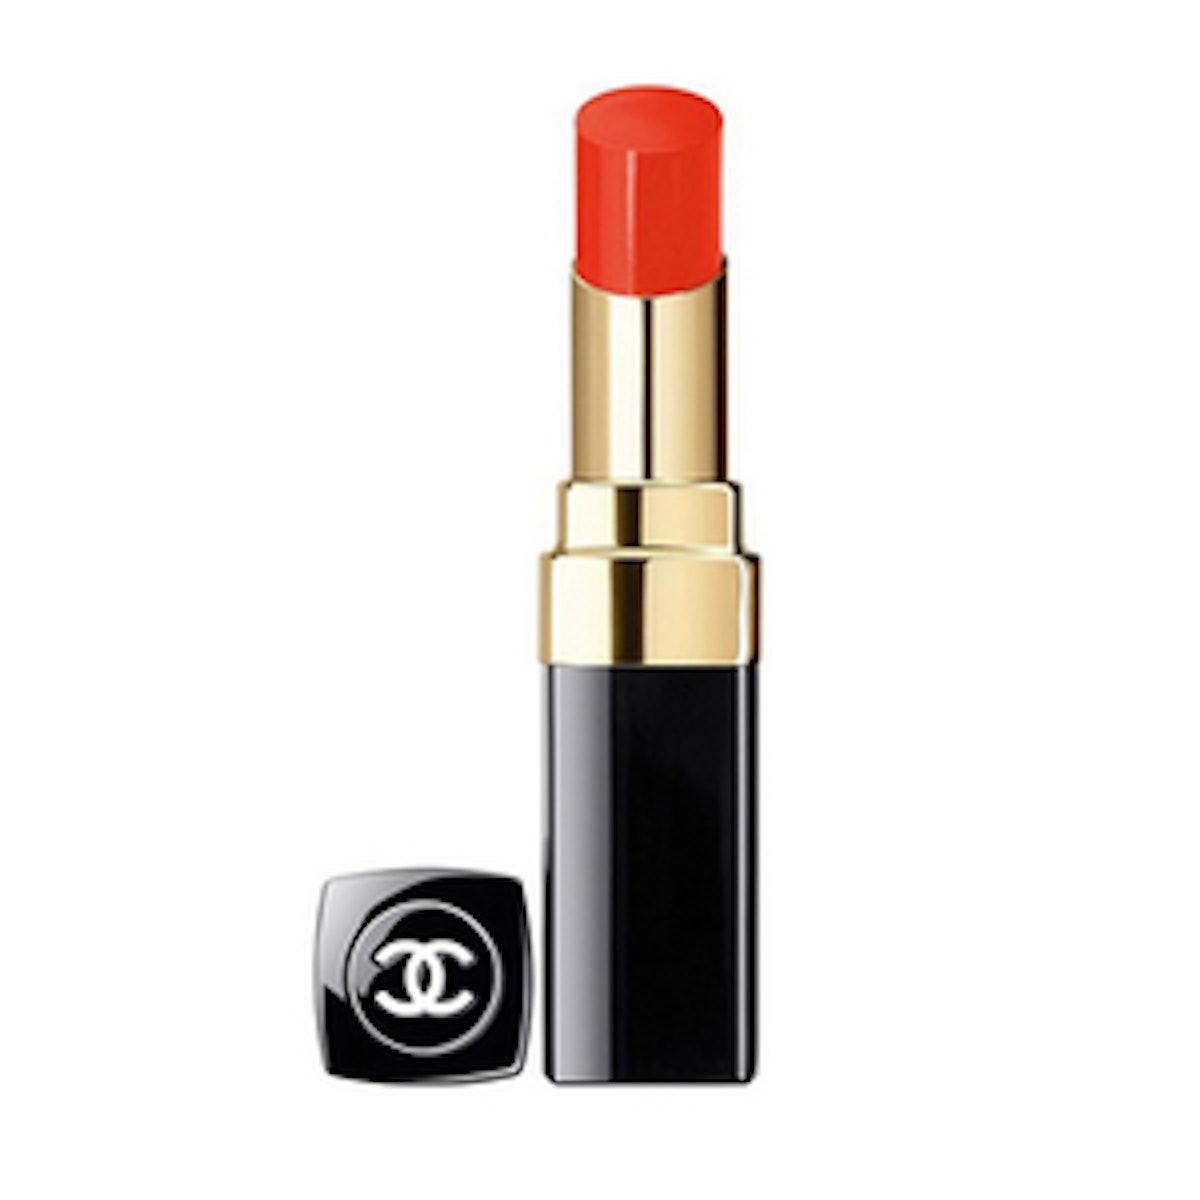 Chanel Poppy Orange